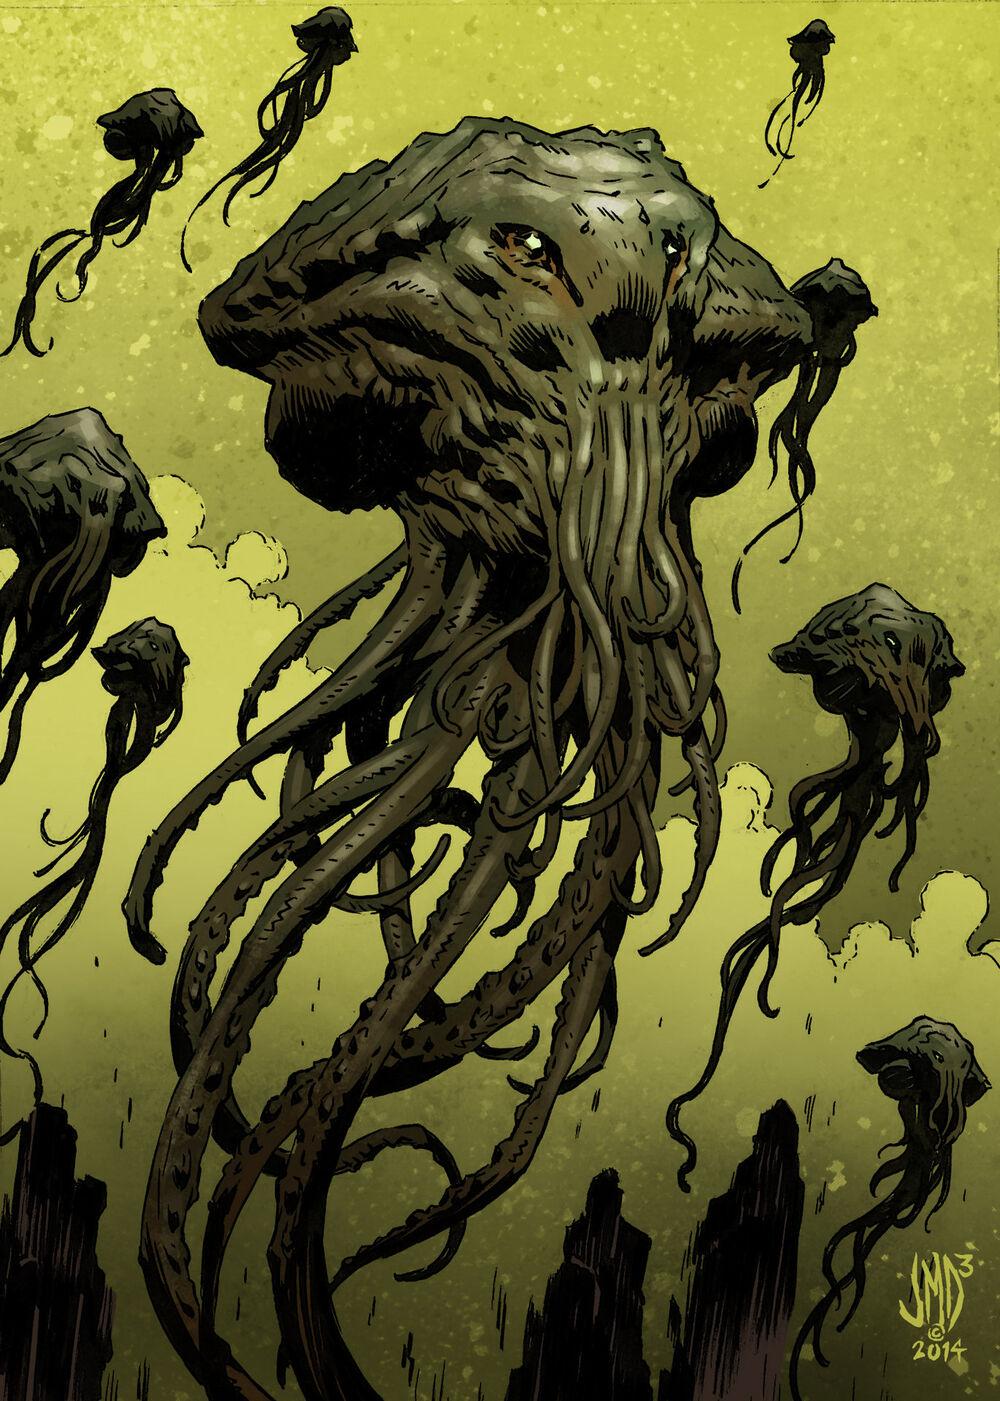 克苏鲁神话生物——星之眷族